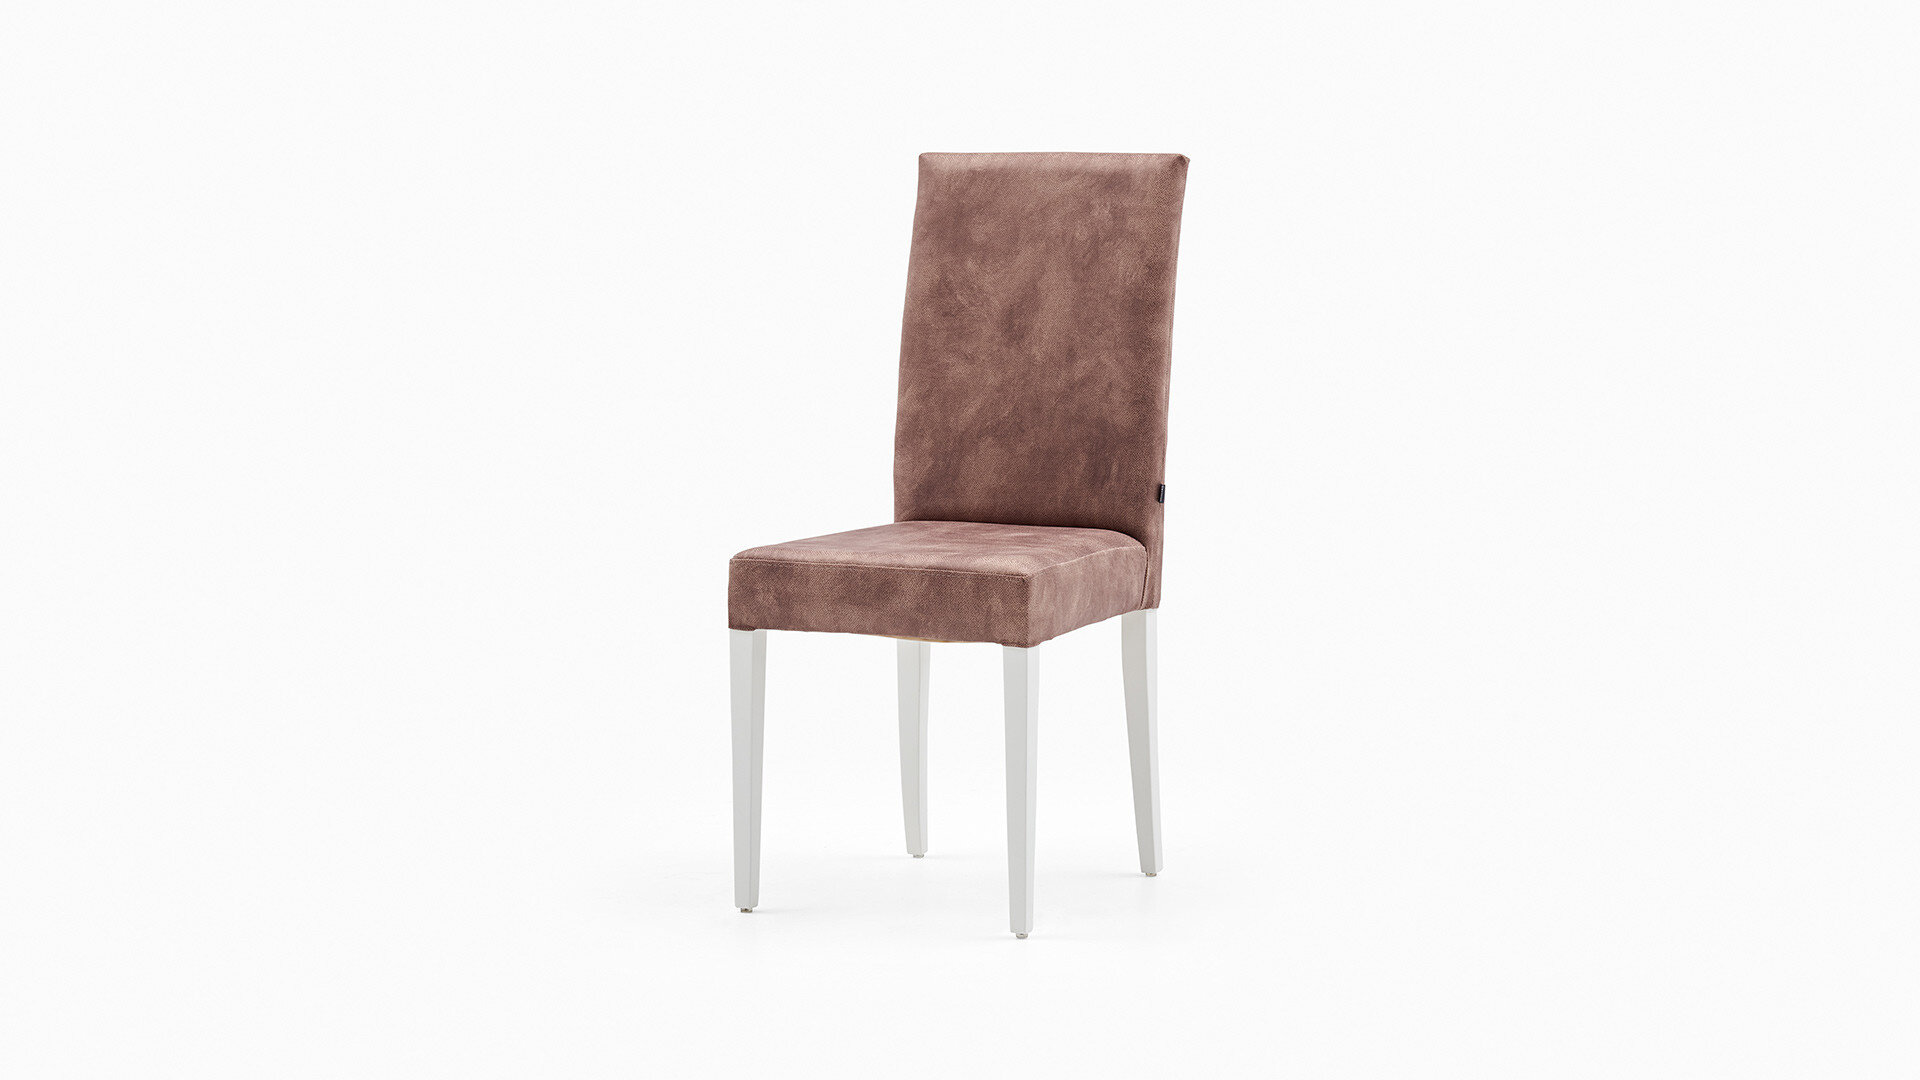 Amanda Mutfak Sandalyesi